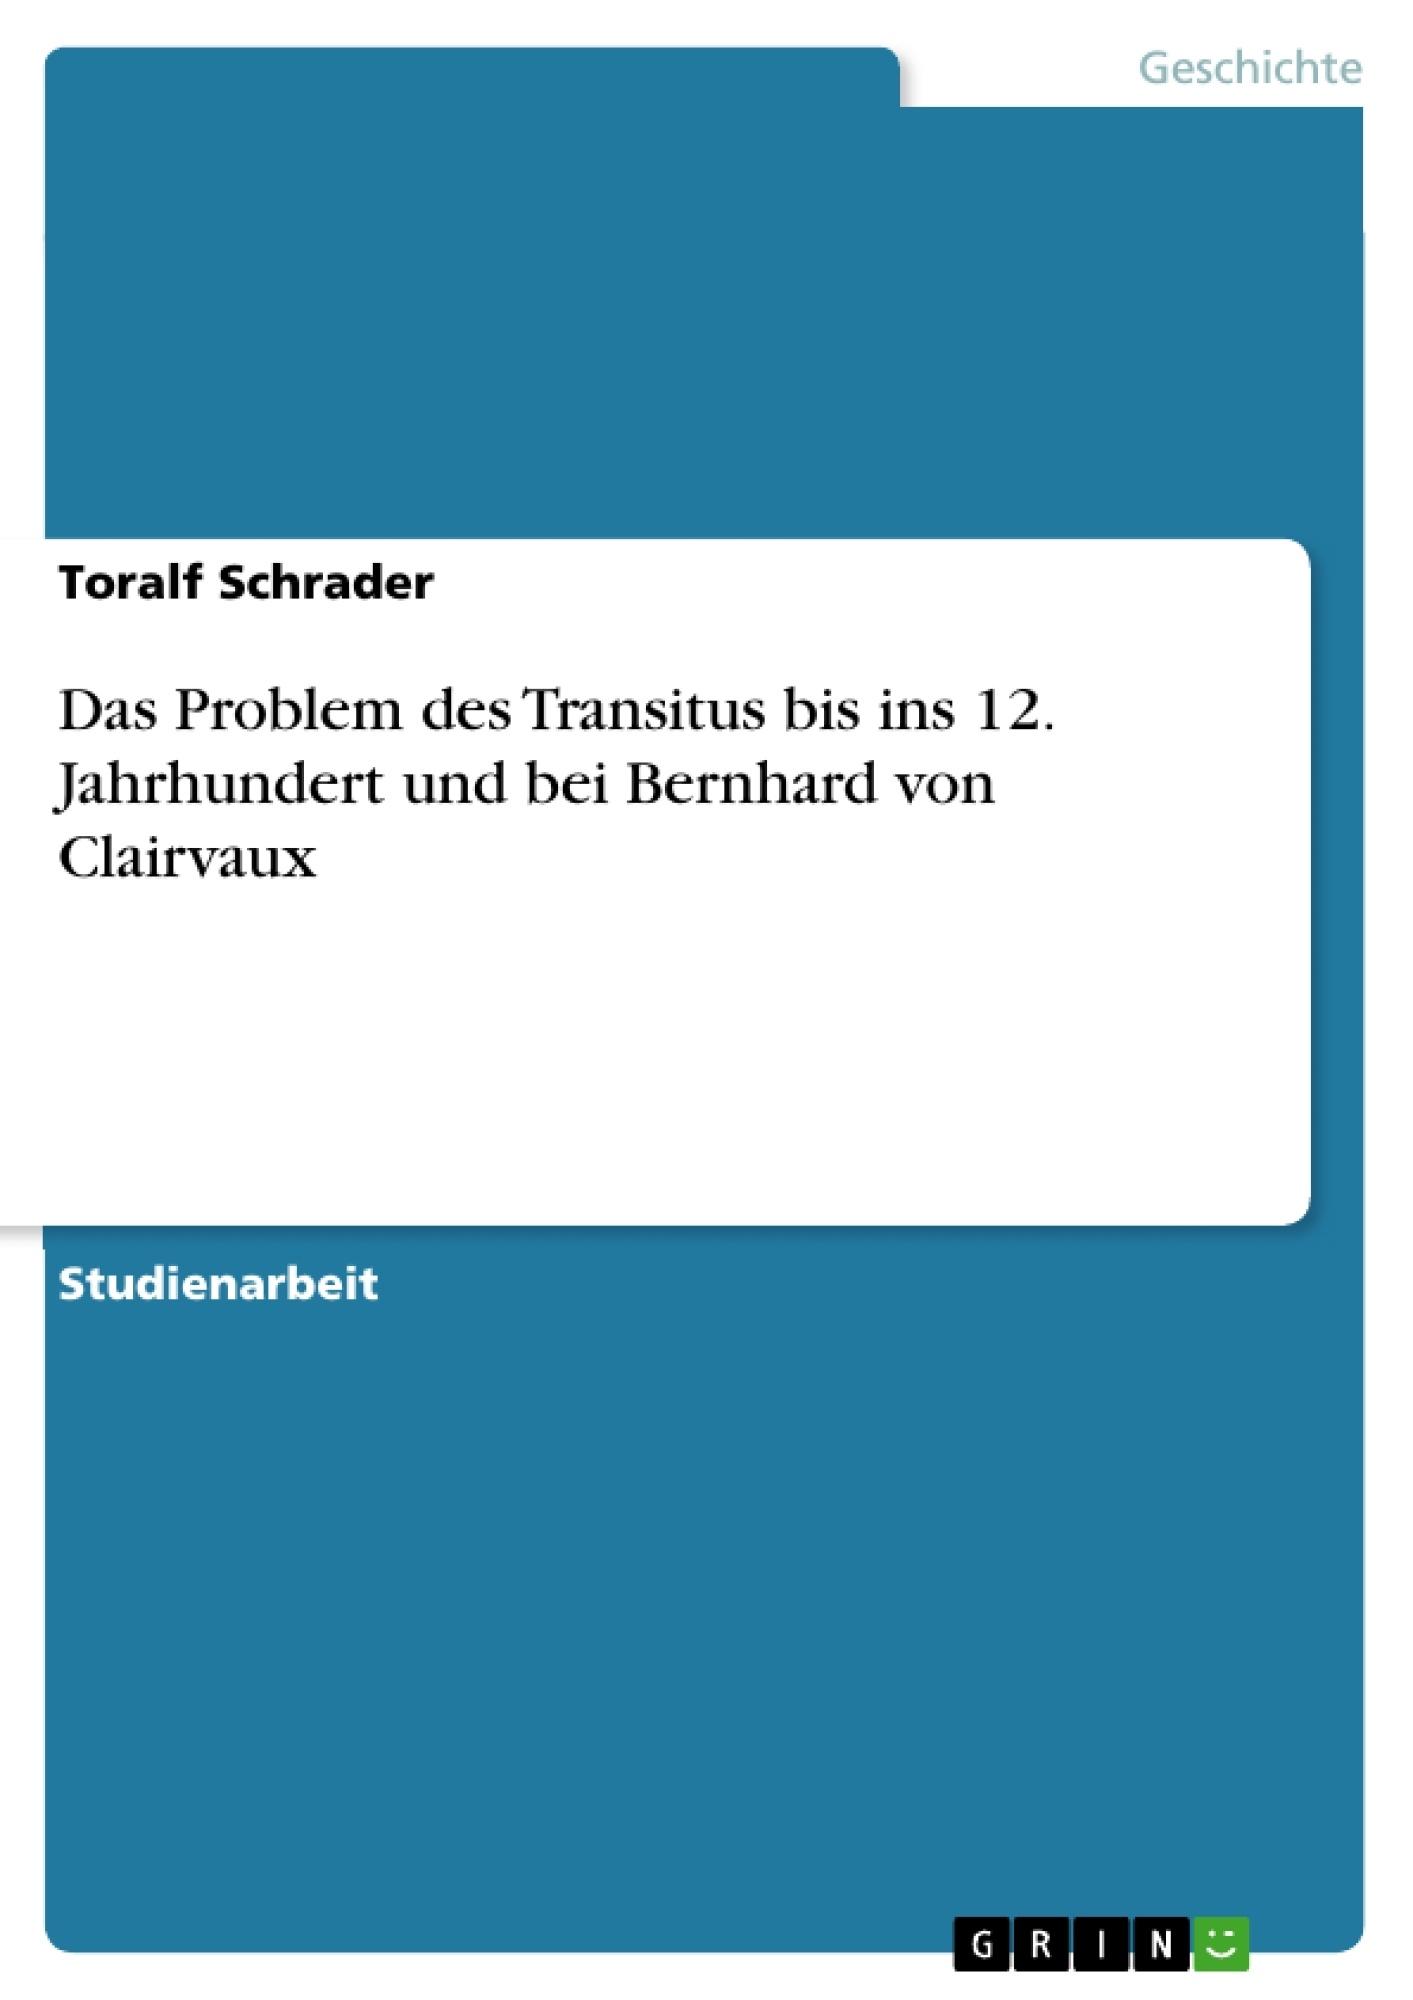 Titel: Das Problem des Transitus bis ins 12. Jahrhundert und bei Bernhard von Clairvaux